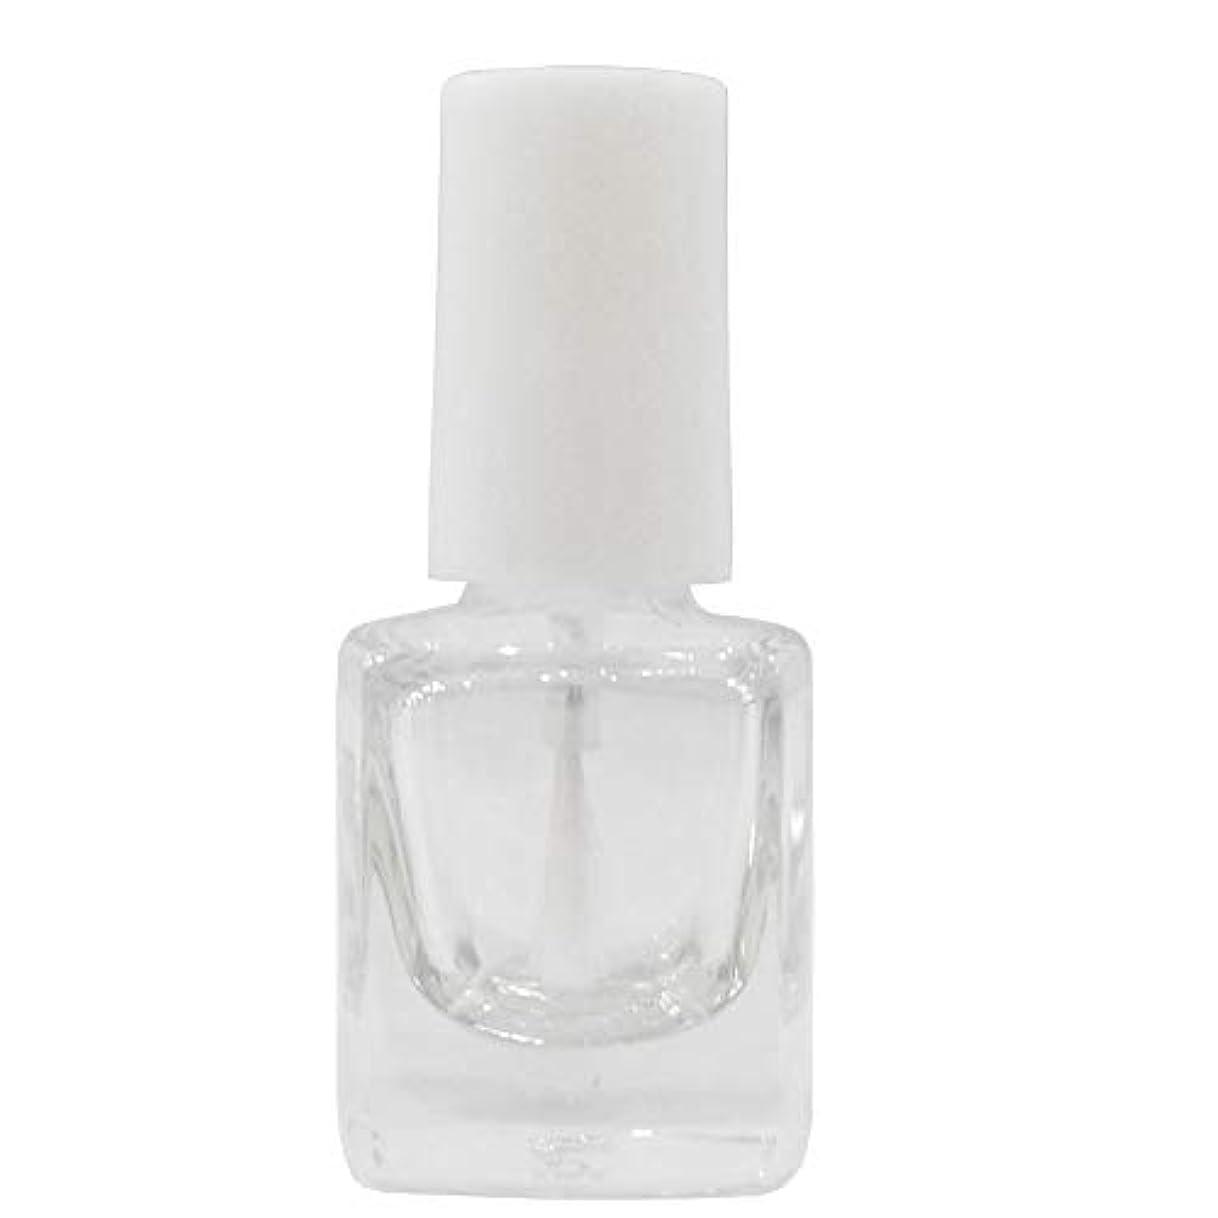 セグメント万歳効果マニキュア空ボトル5ml用?甘皮オイルなどを小分けするのに便利なスペアボトル 人気の白い刷毛